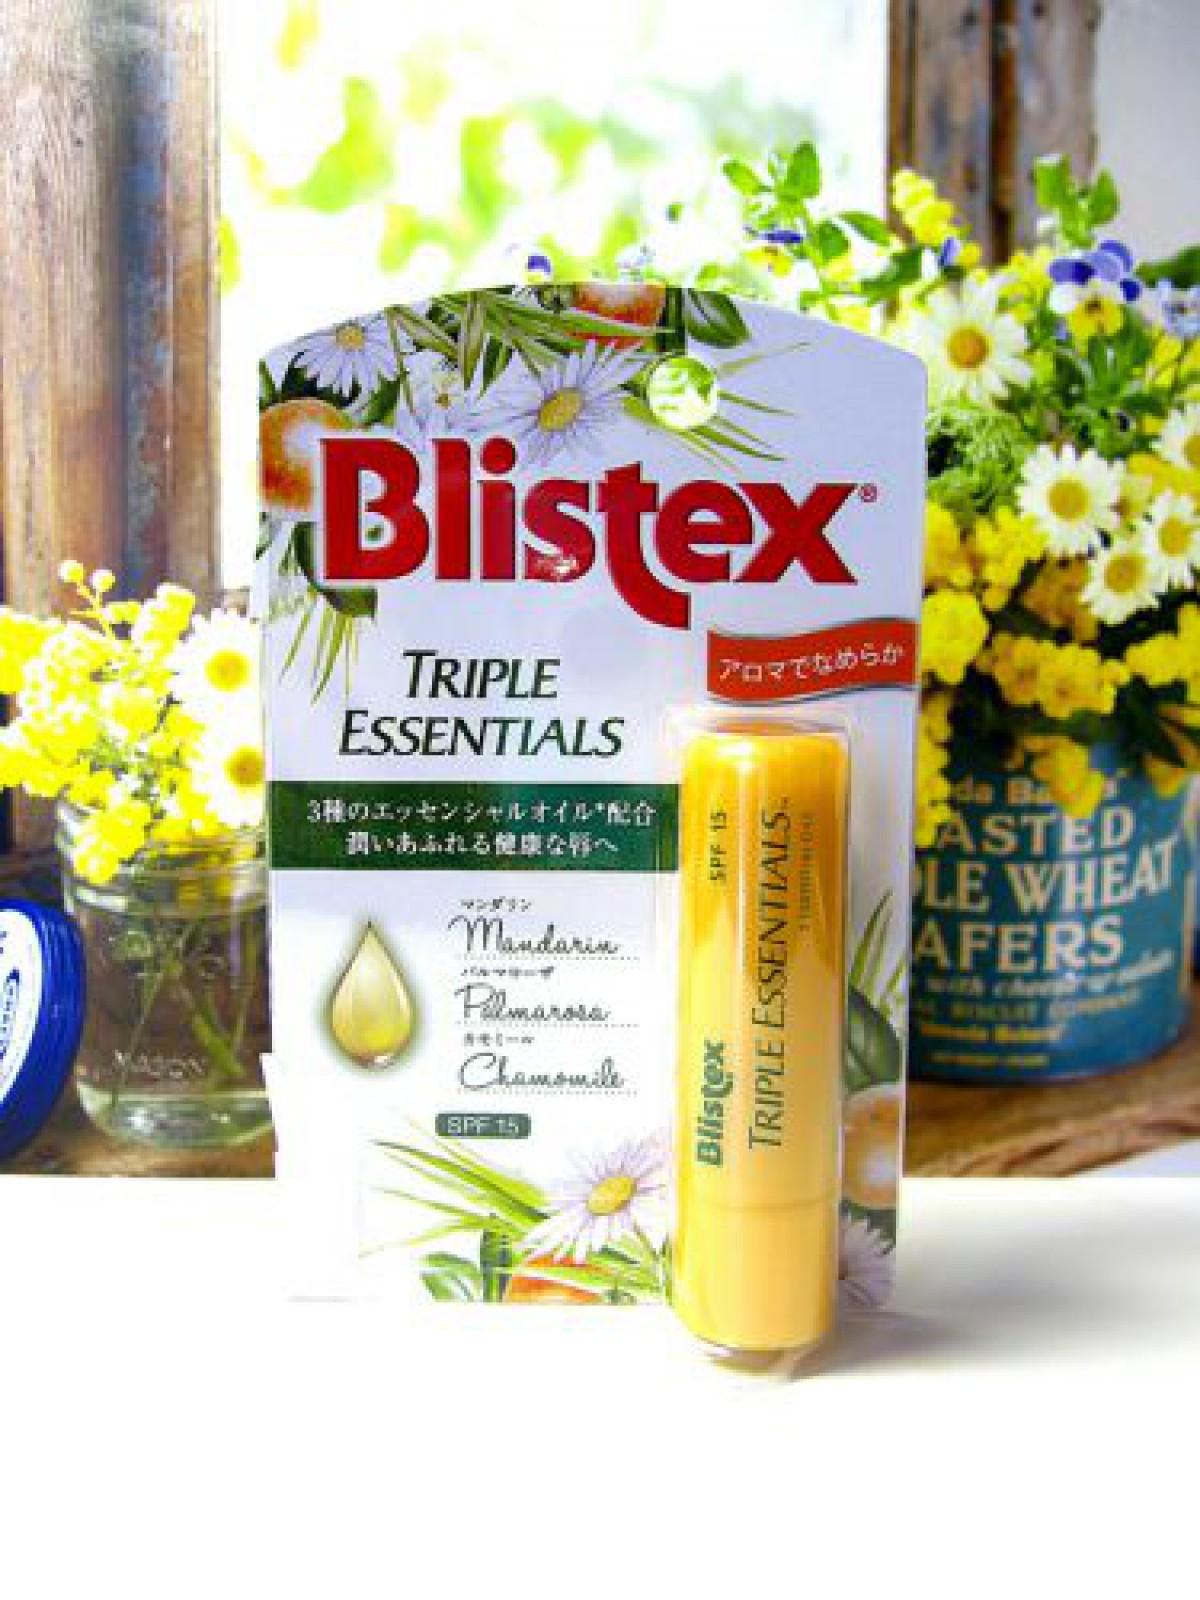 宇宙でも使えるリップクリーム♪全米No2のリップケアブランド「Blistex」のアロマリップ